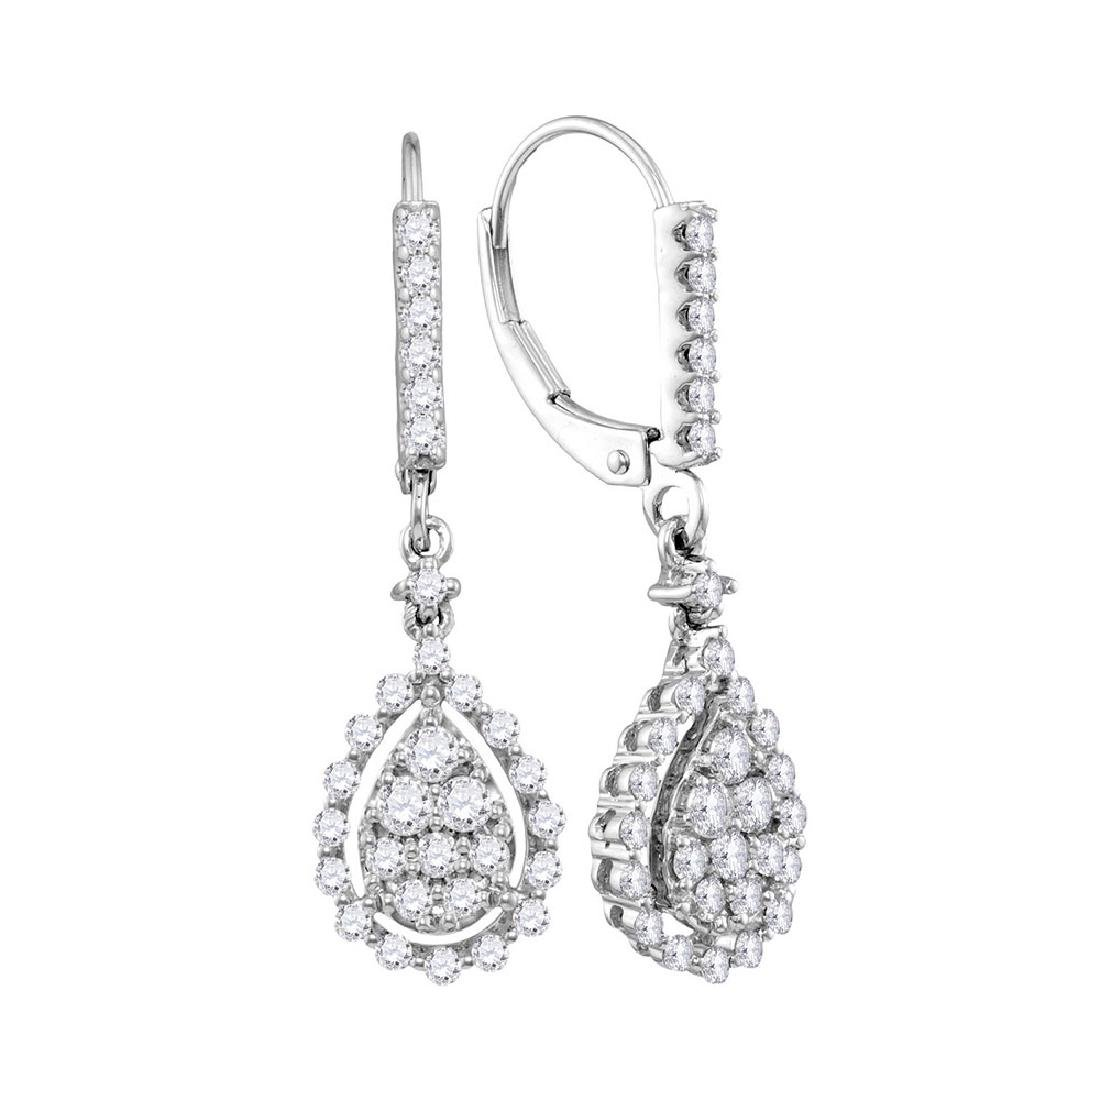 0.90 CTW Diamond Teardrop Cluster Dangle Earrings 14KT